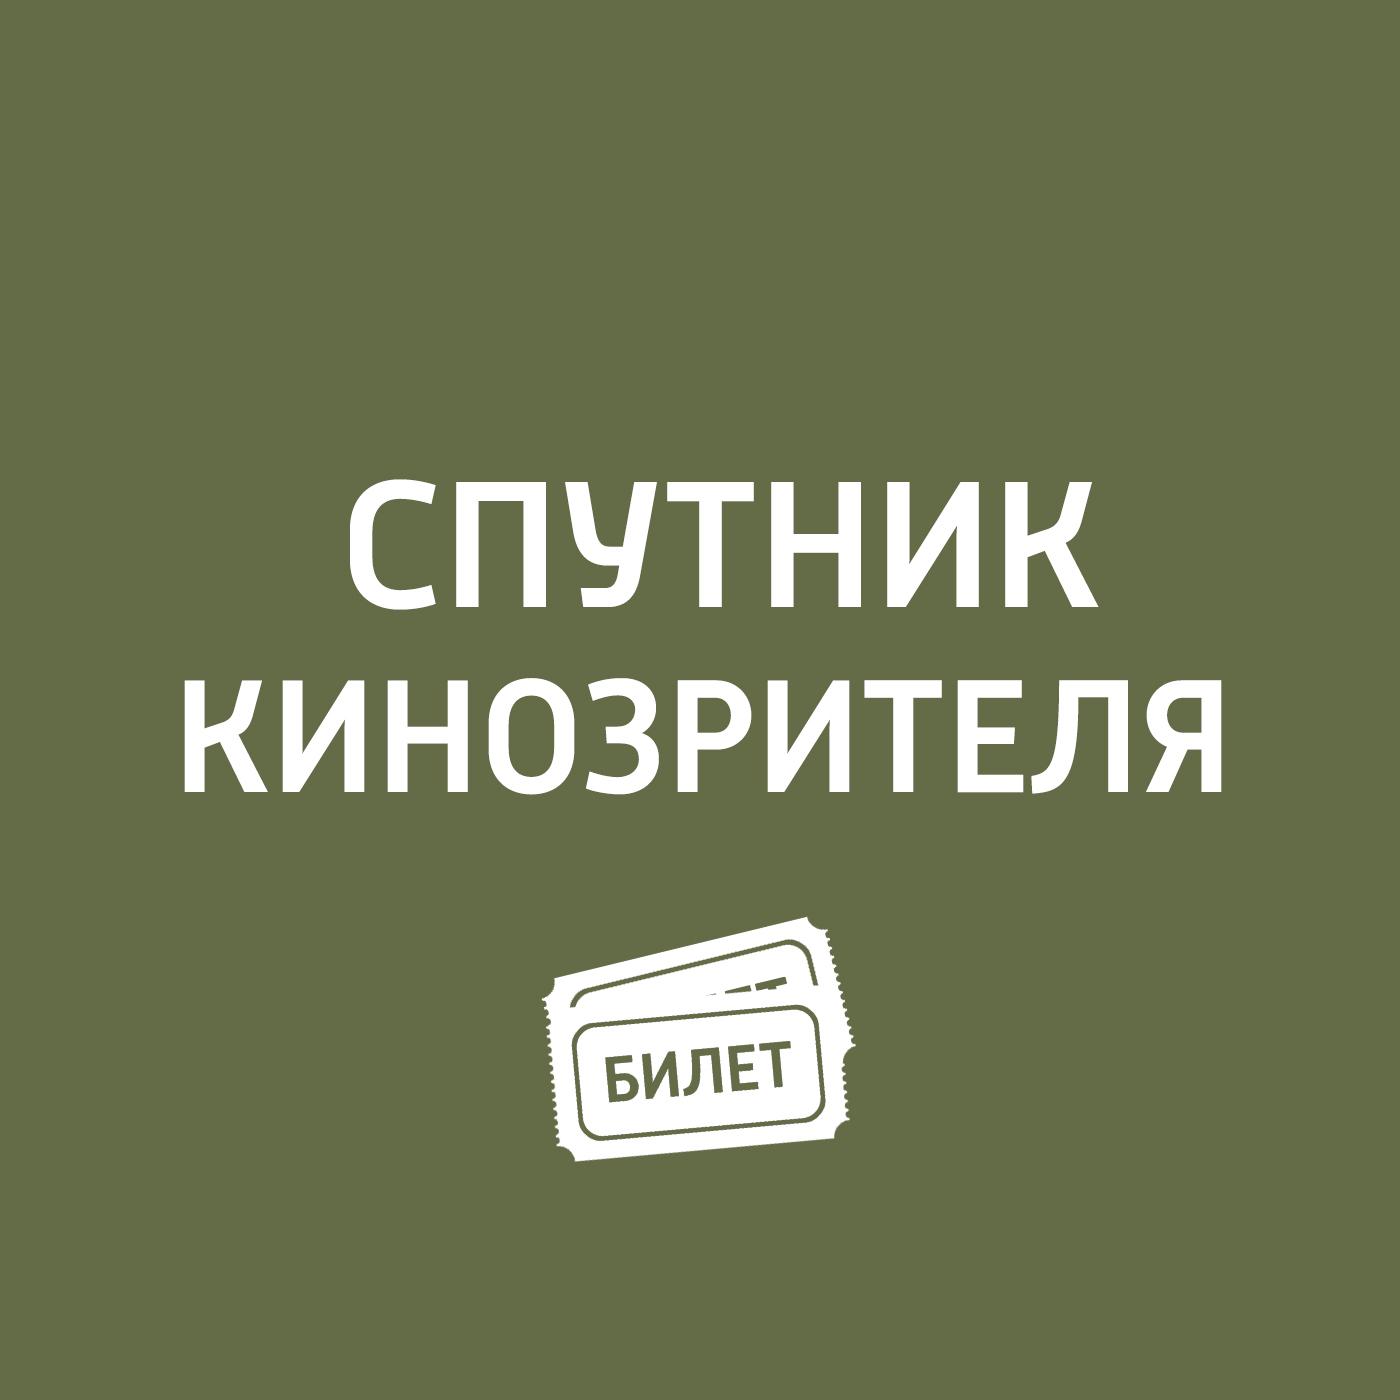 Антон Долин 007: Координаты «Скайфолл, «Любовь, «Пианистка